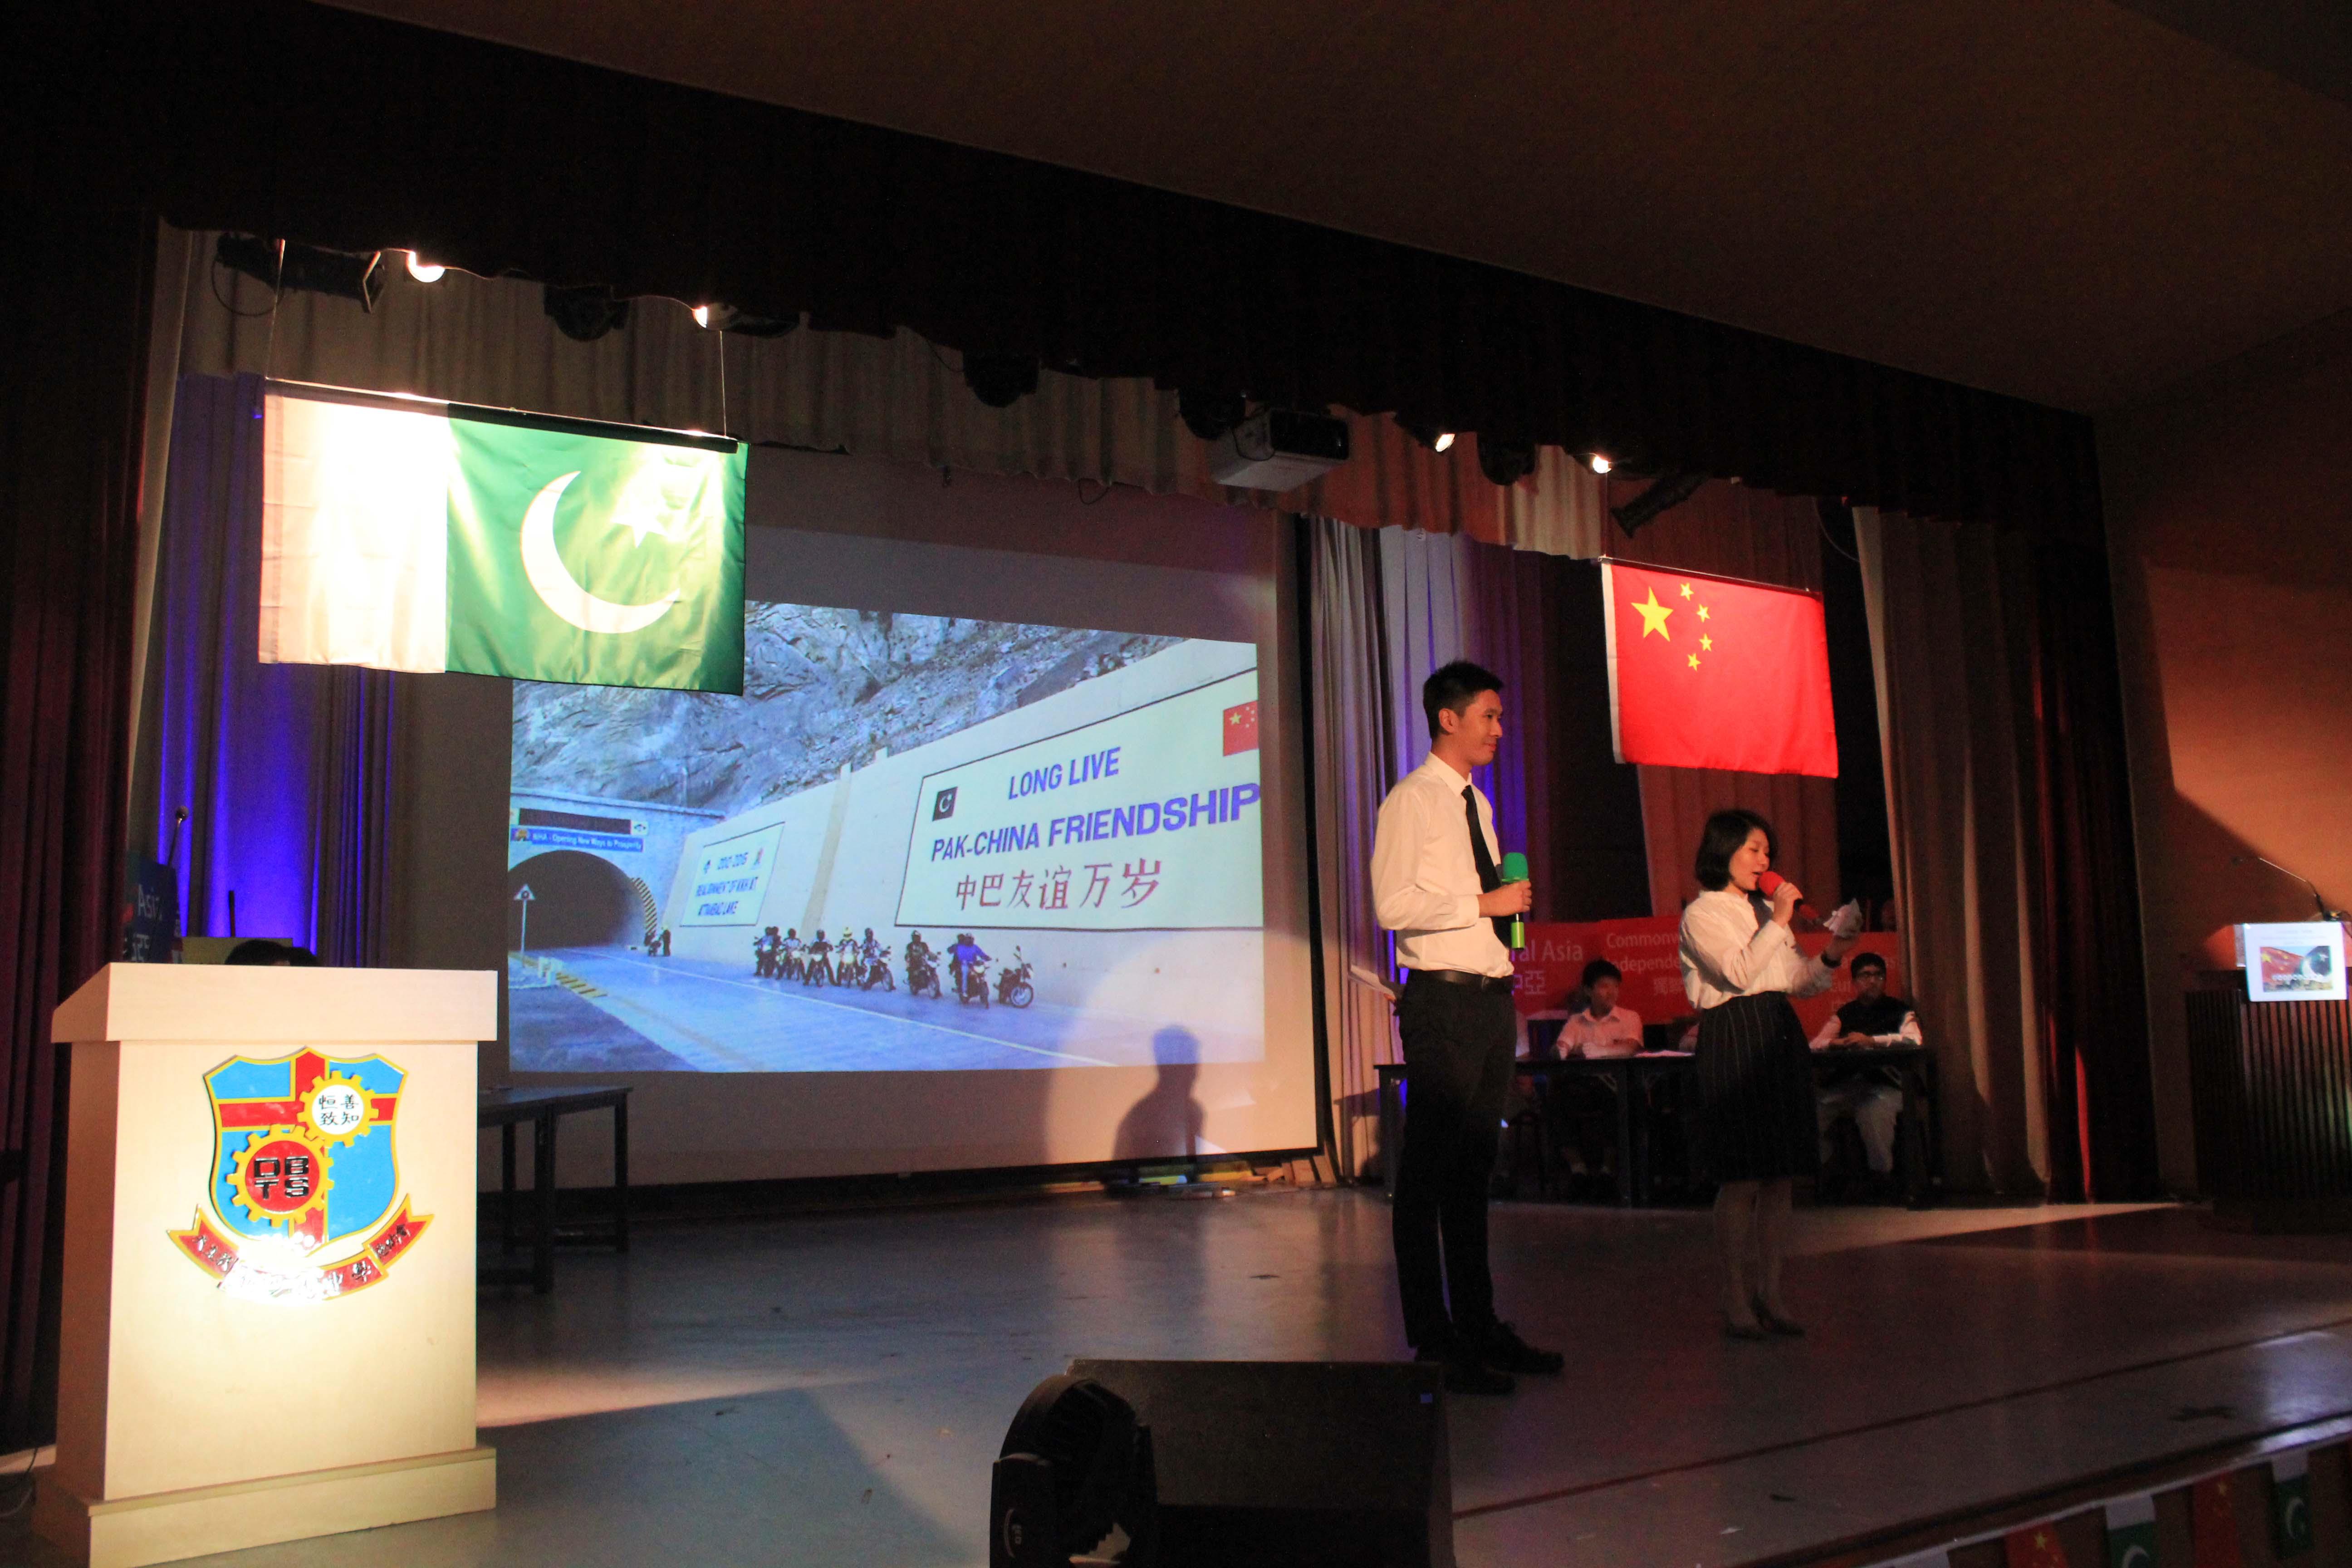 天主教慈幼會伍少梅中學的「中巴經濟走廊」高峰會活動相片2